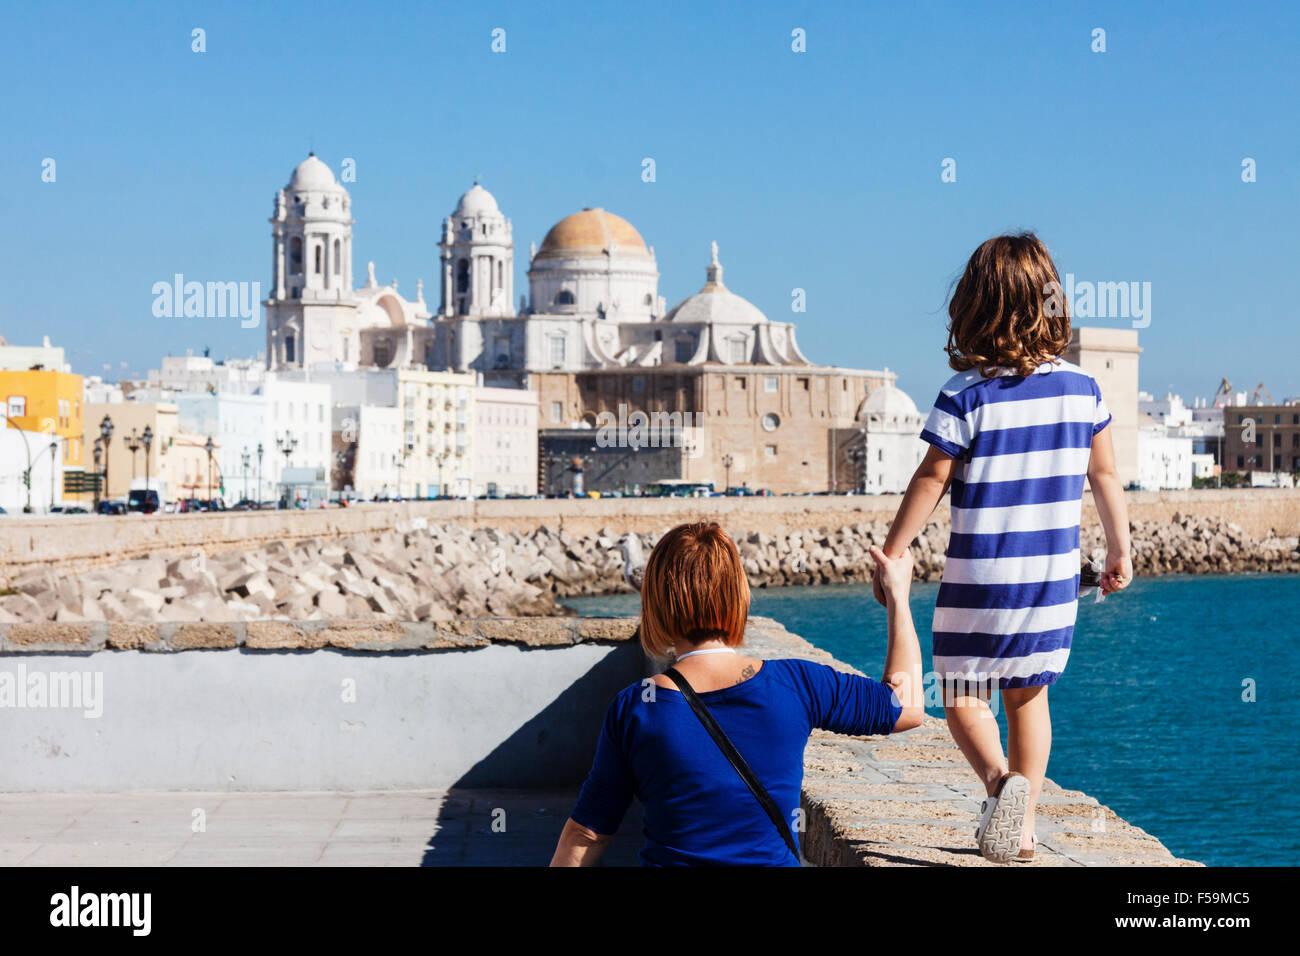 Los turistas, madre e hija con camiseta a rayas azules en el paseo marítimo con la Catedral de Cádiz, Imagen De Stock